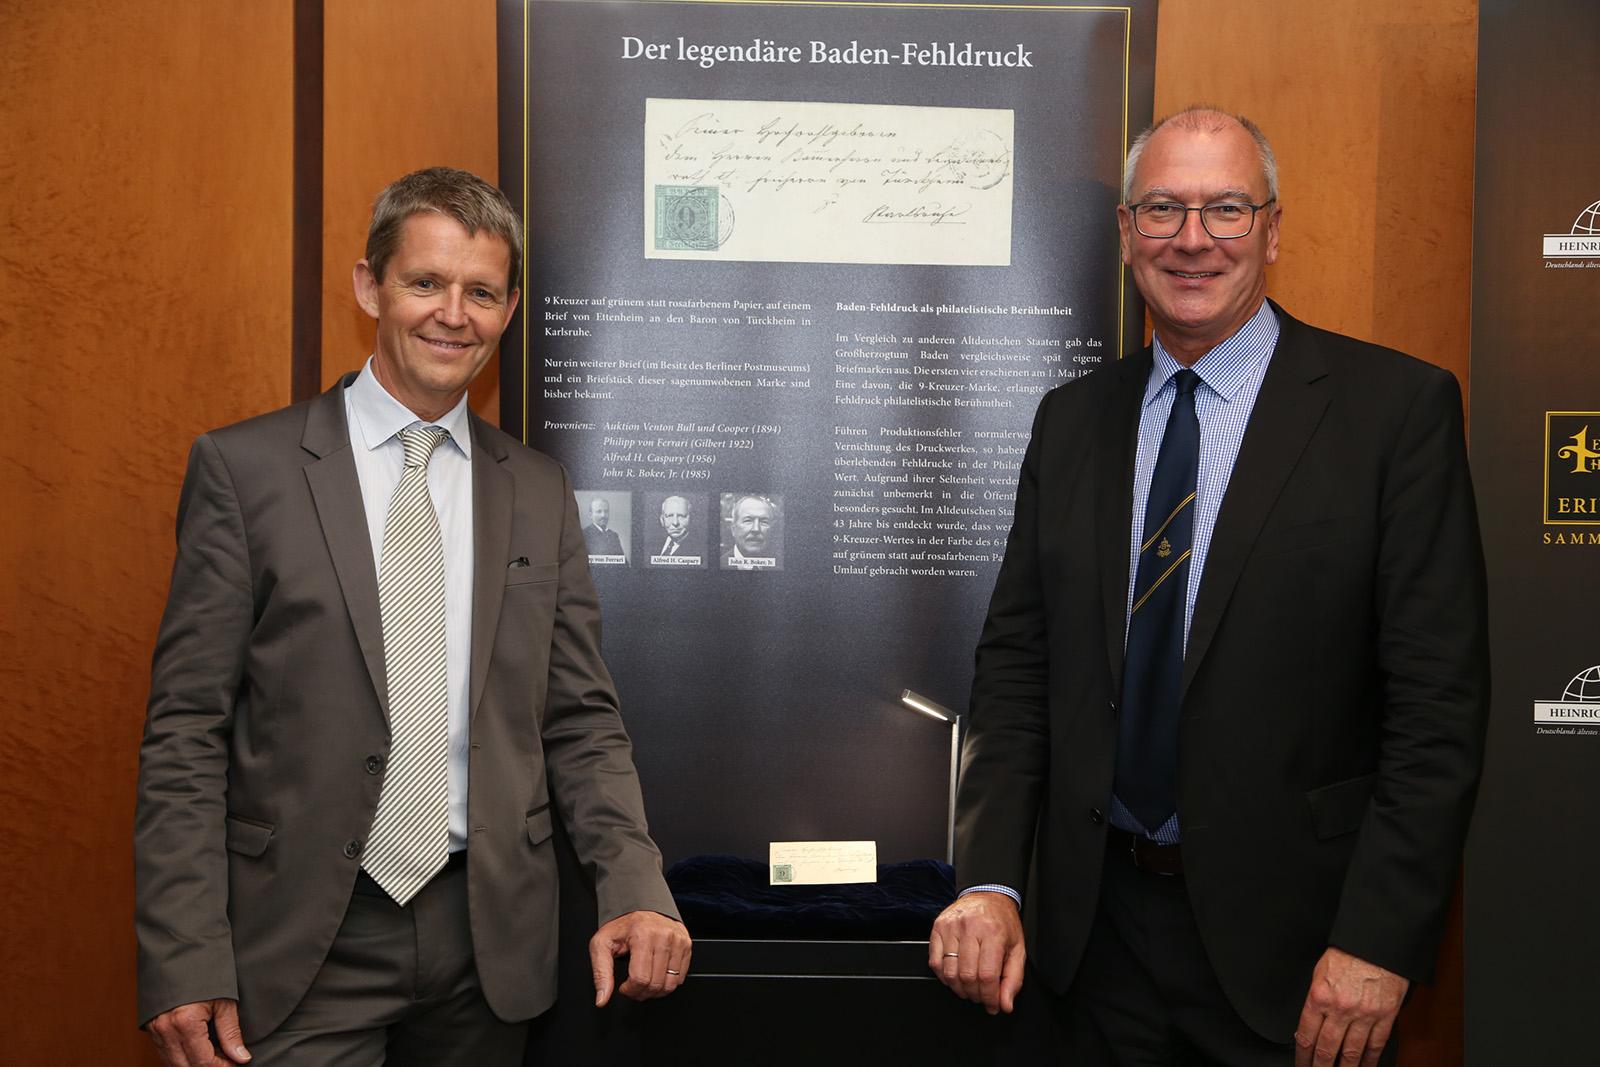 Dieter Michelson und Karl Louis mit dem Baden-Fehldruck